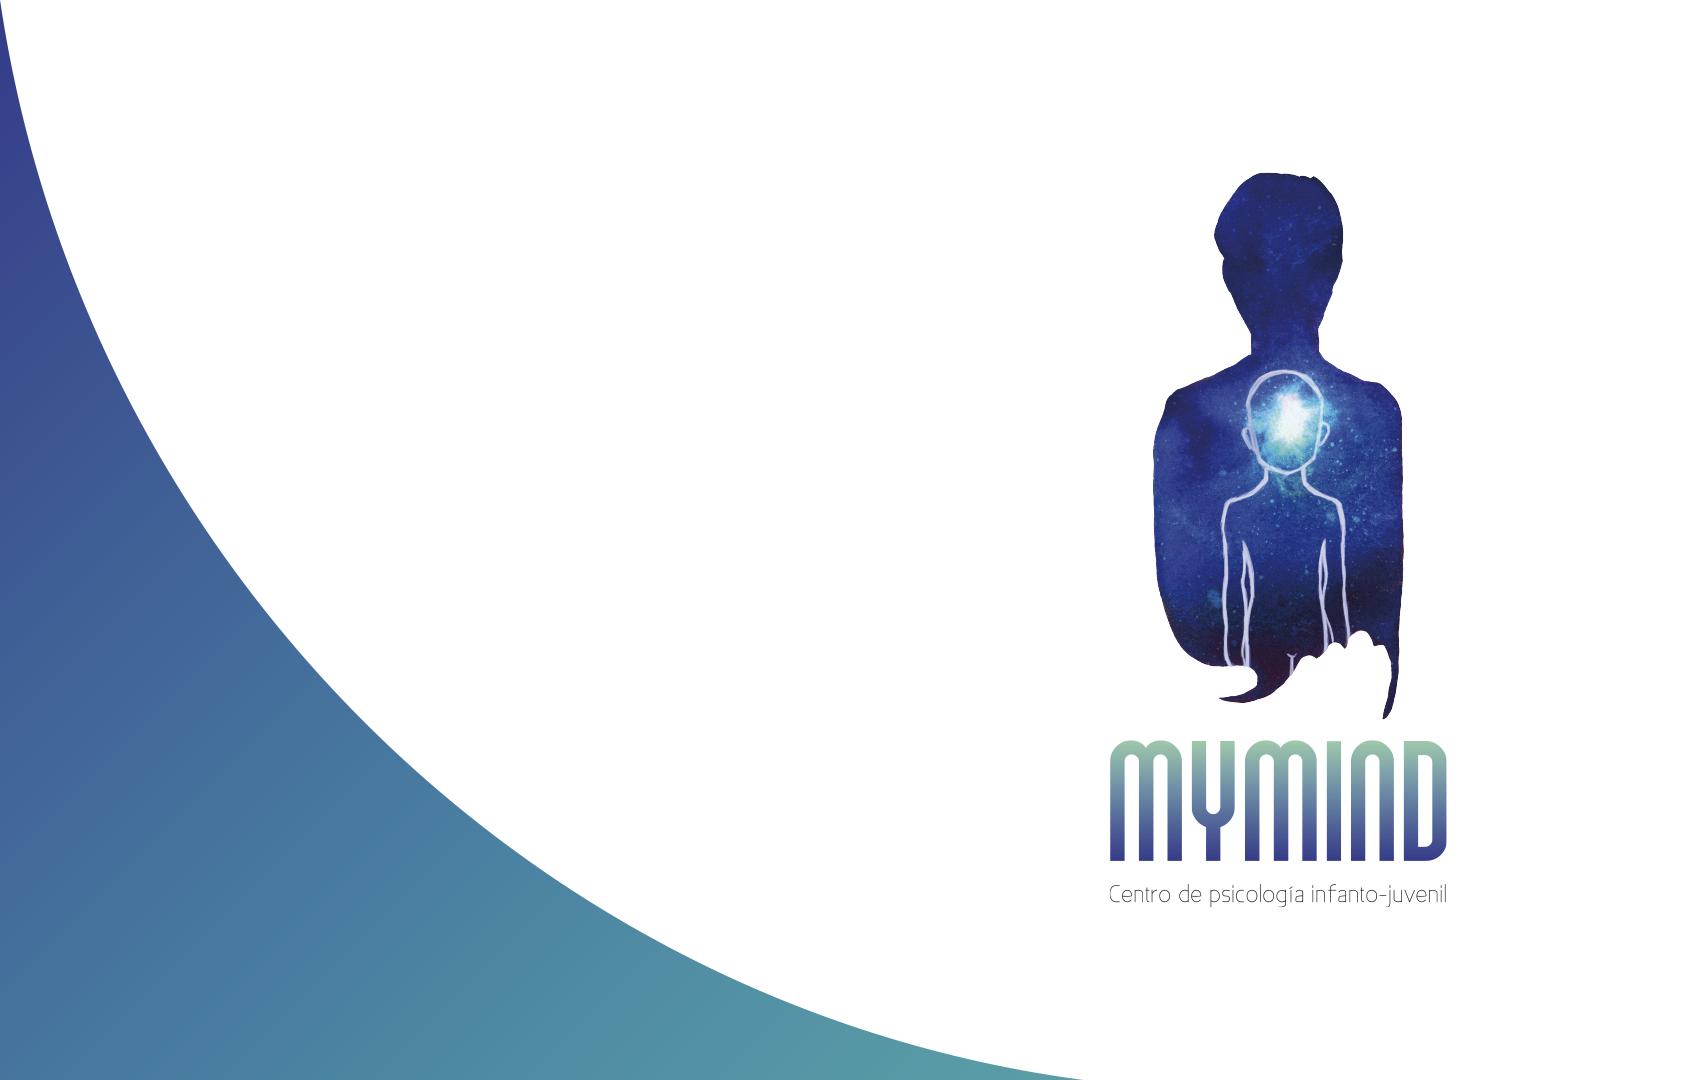 Clínica de psicología Mymind